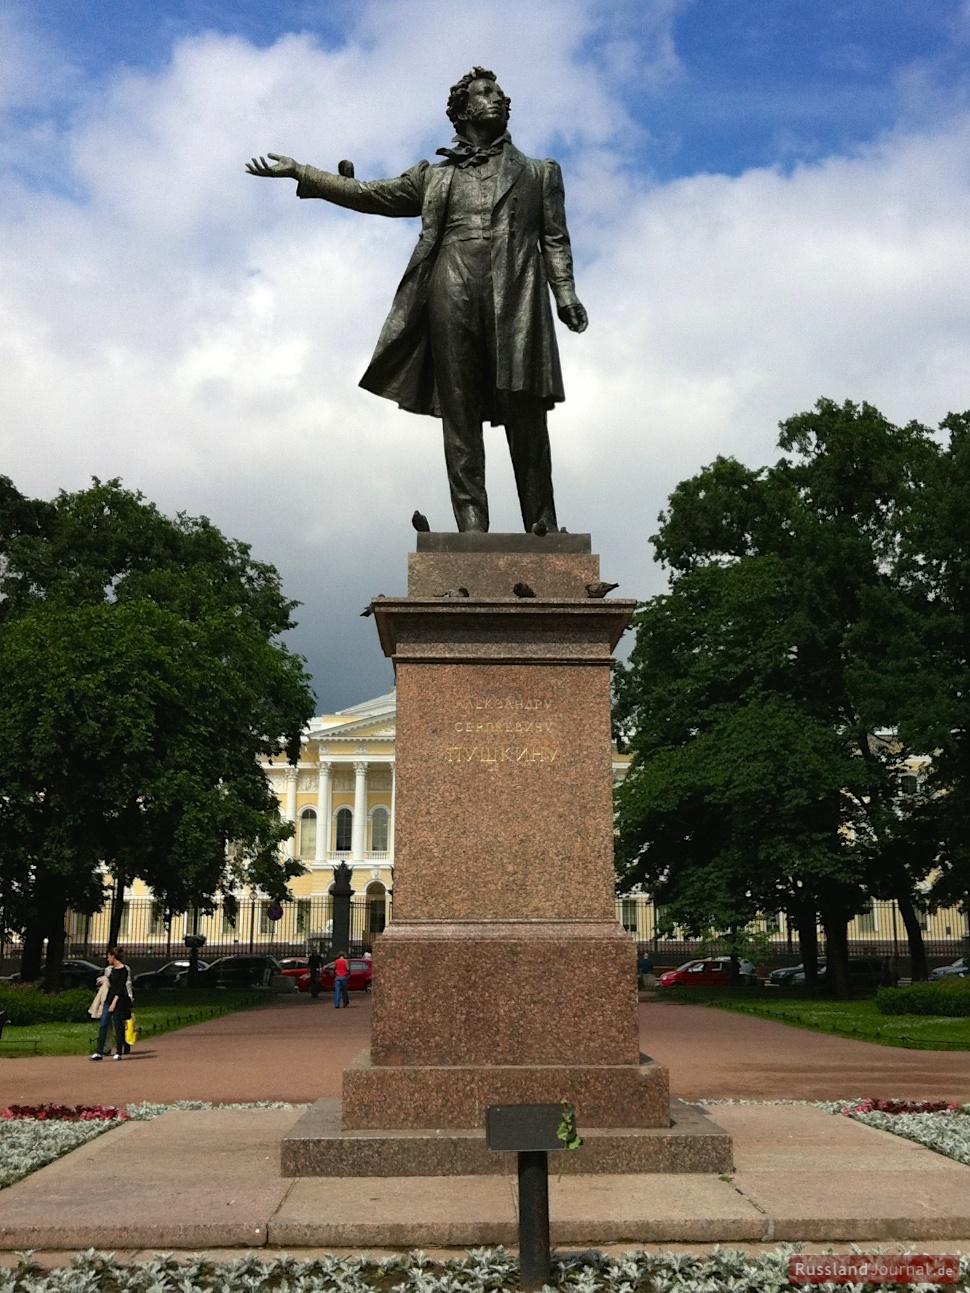 Puschkin-Statue